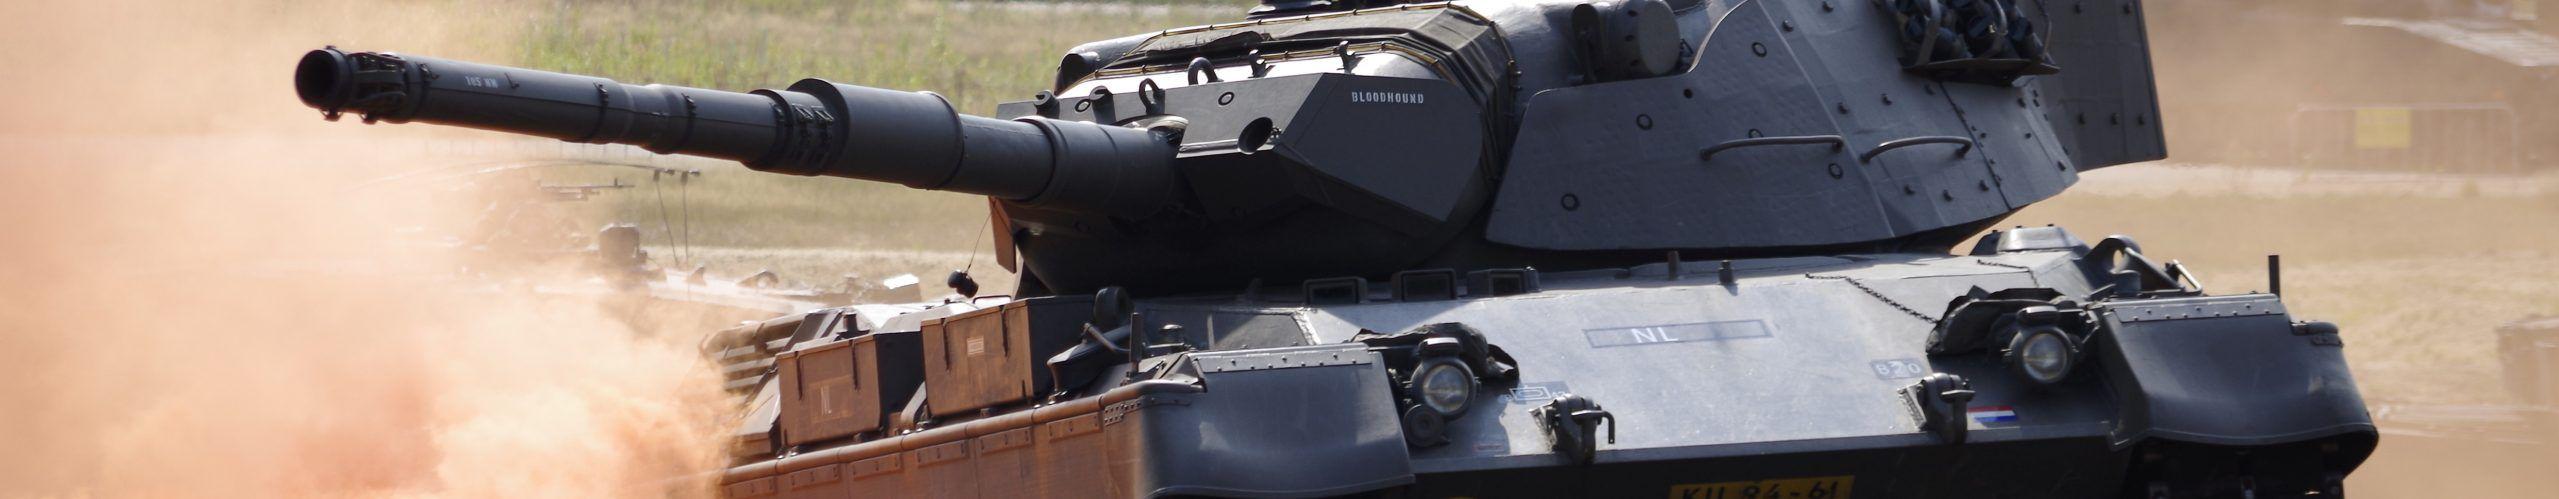 PanzerPlace